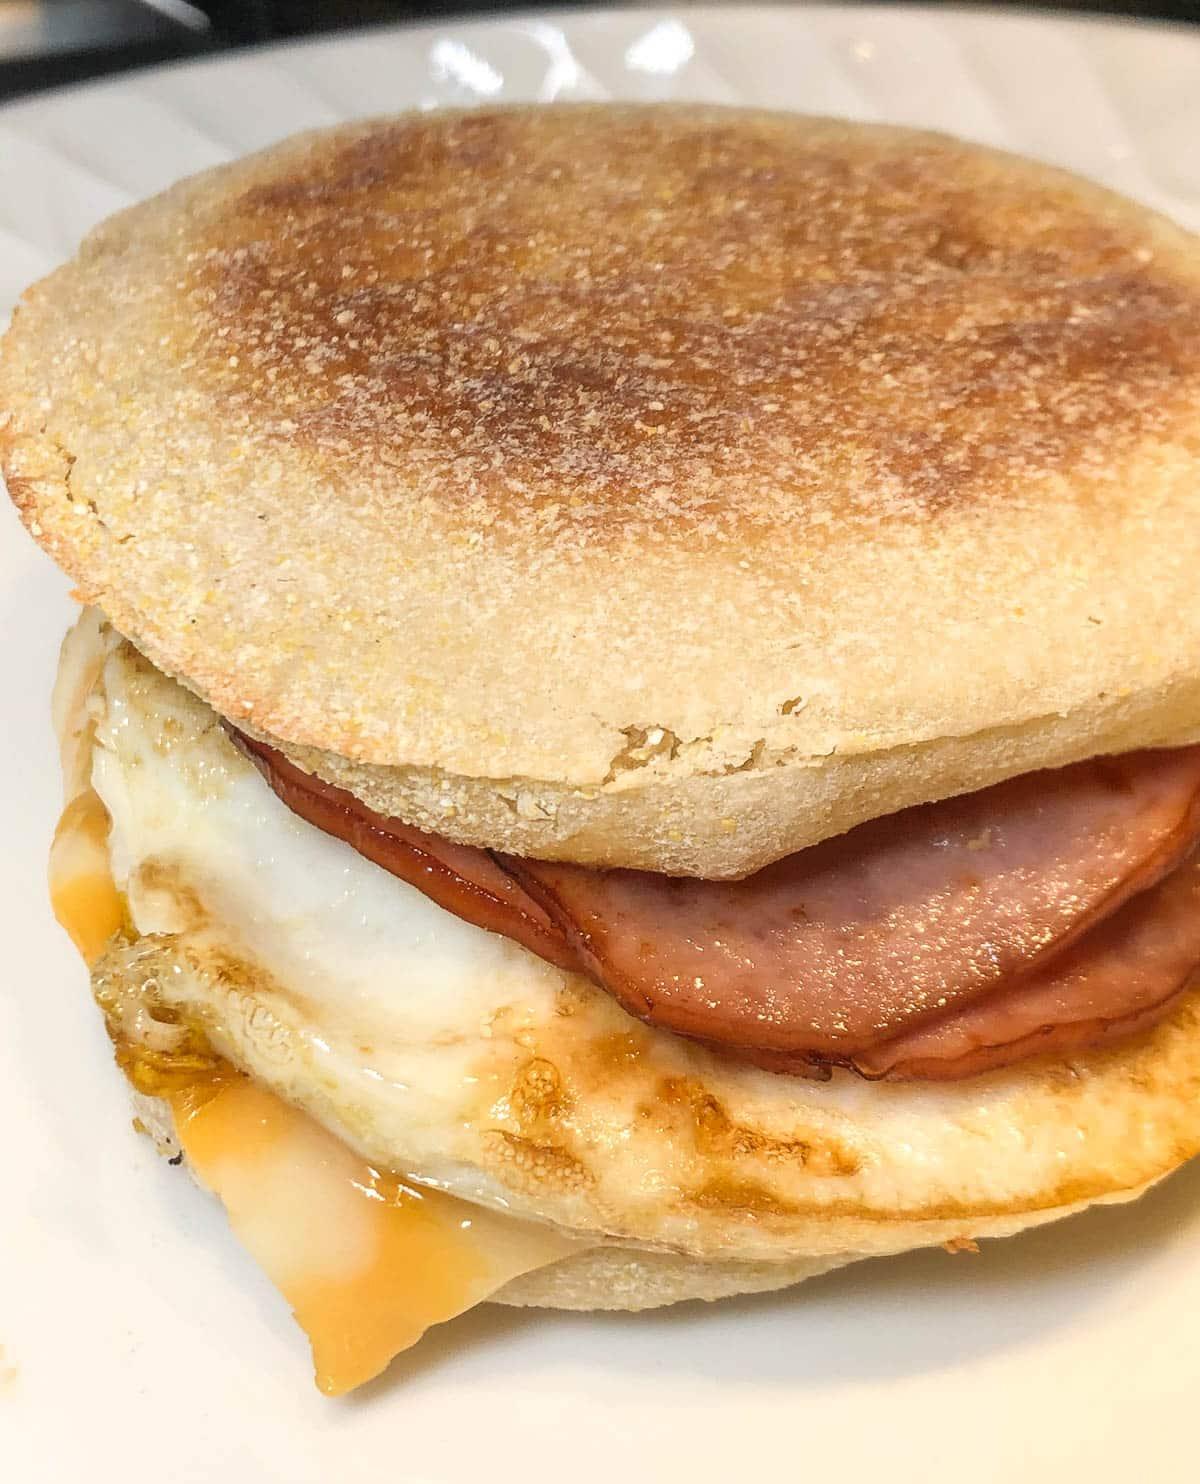 McDonalds Egg McMuffins